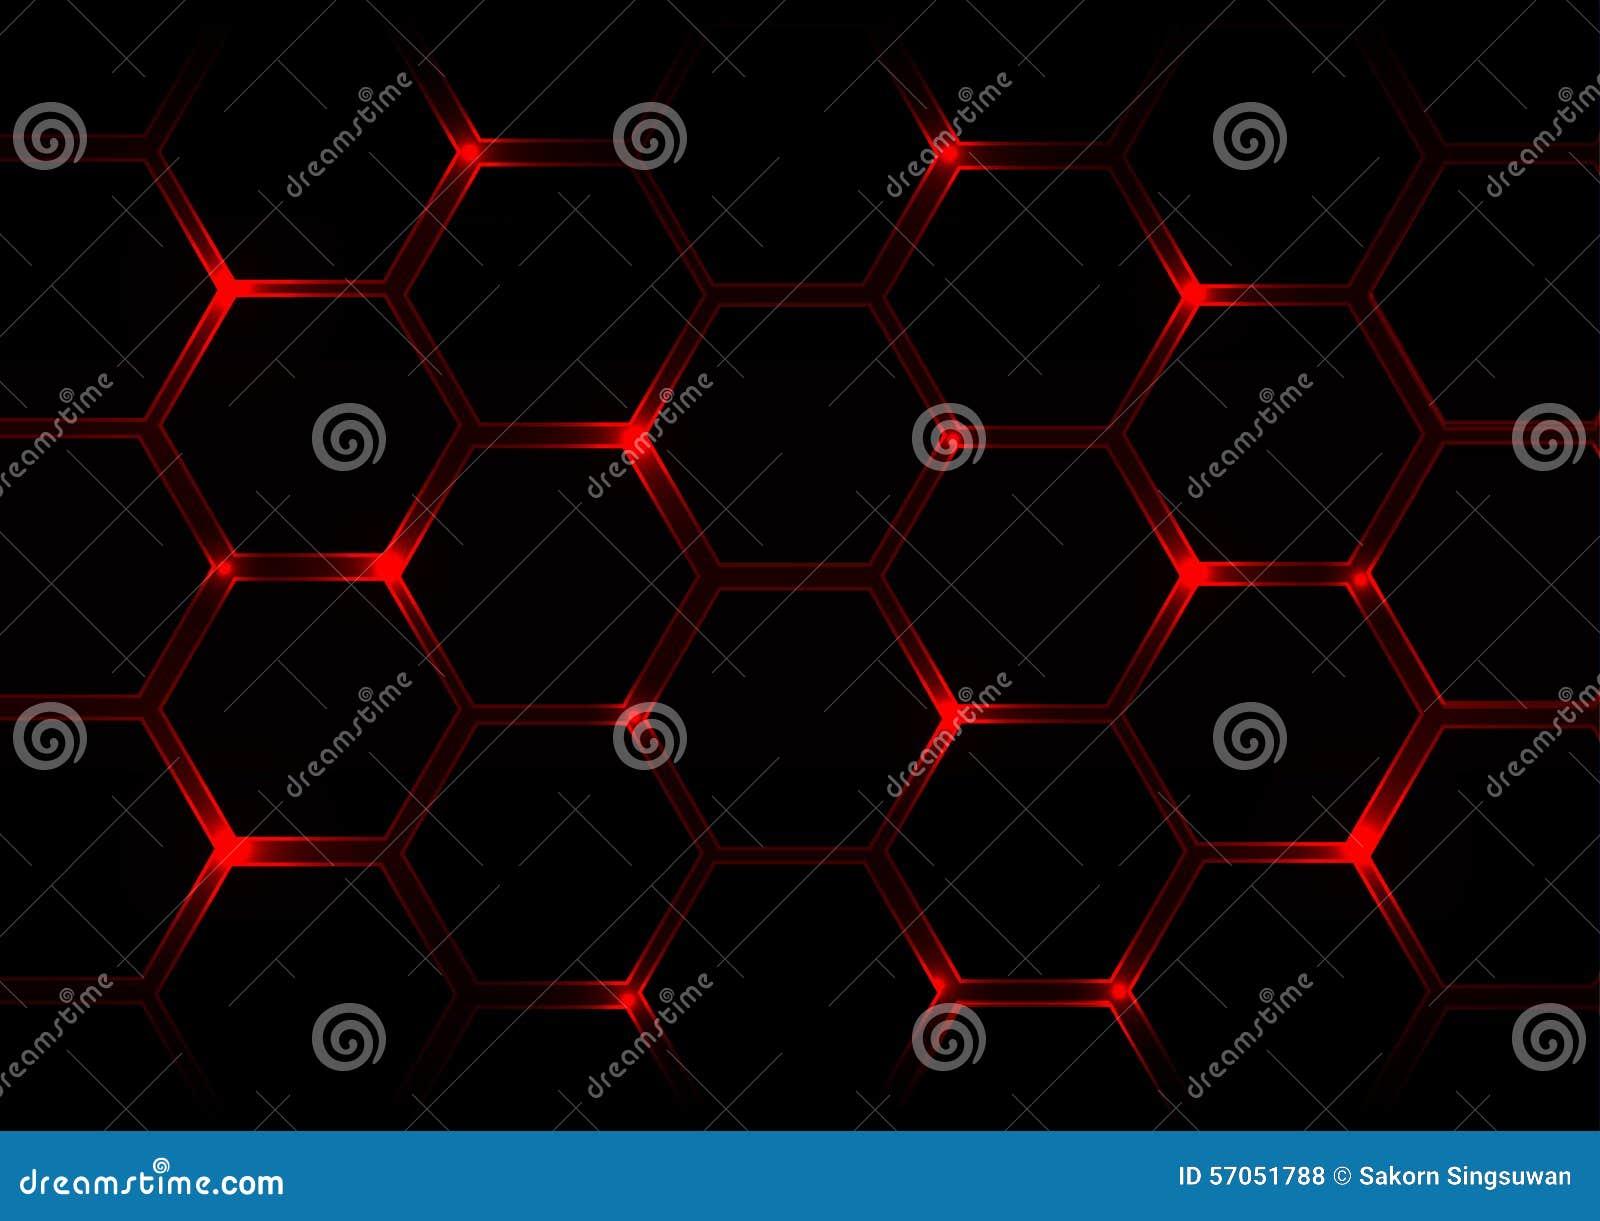 Abstracte donkerrode achtergrond met zeshoeken en rood licht